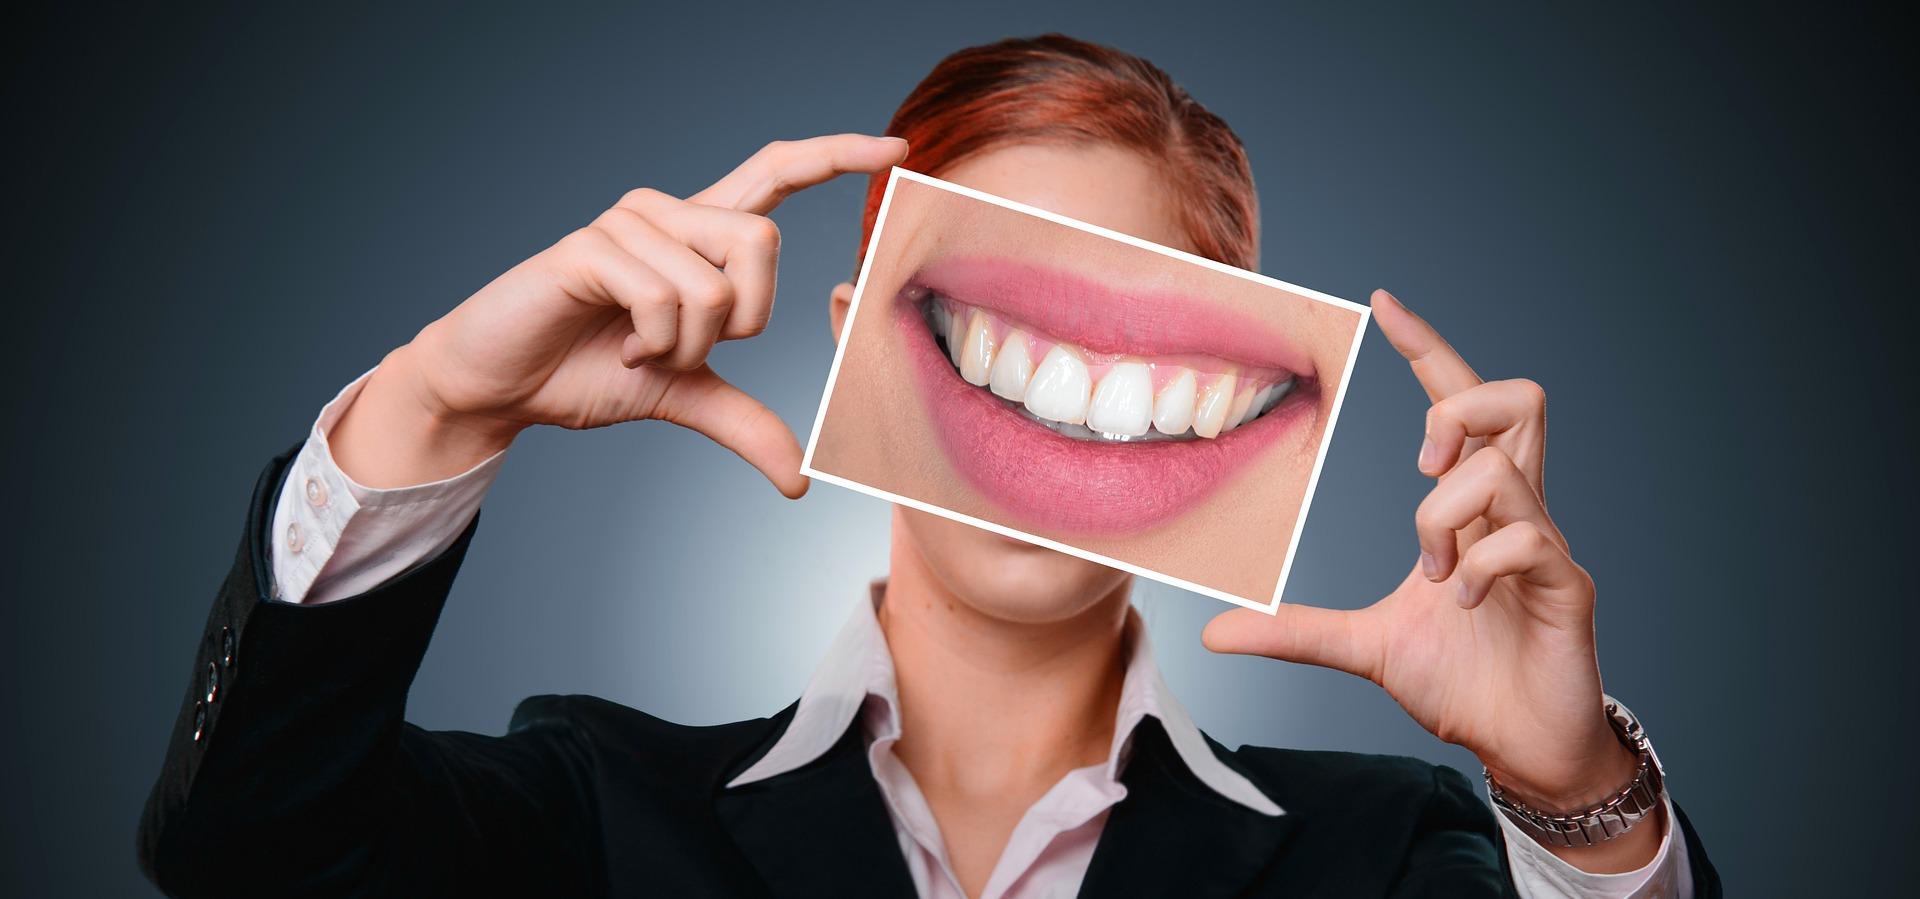 Vrai et faux sourire : la technique pour les distinguer